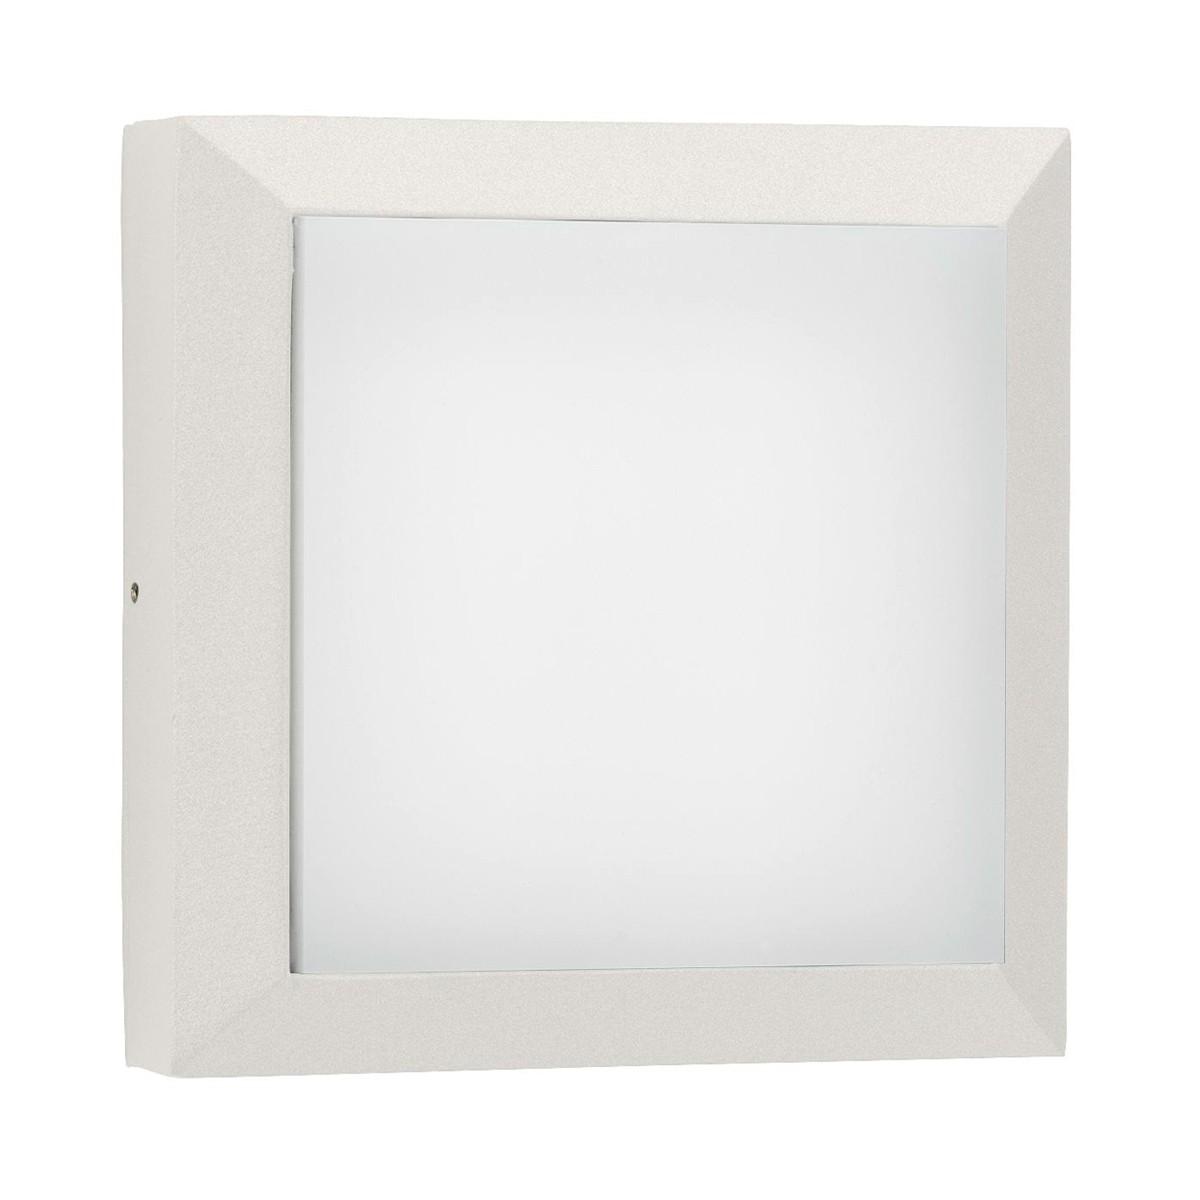 Albert 6562 LED Wand- / Deckenleuchte, weiß